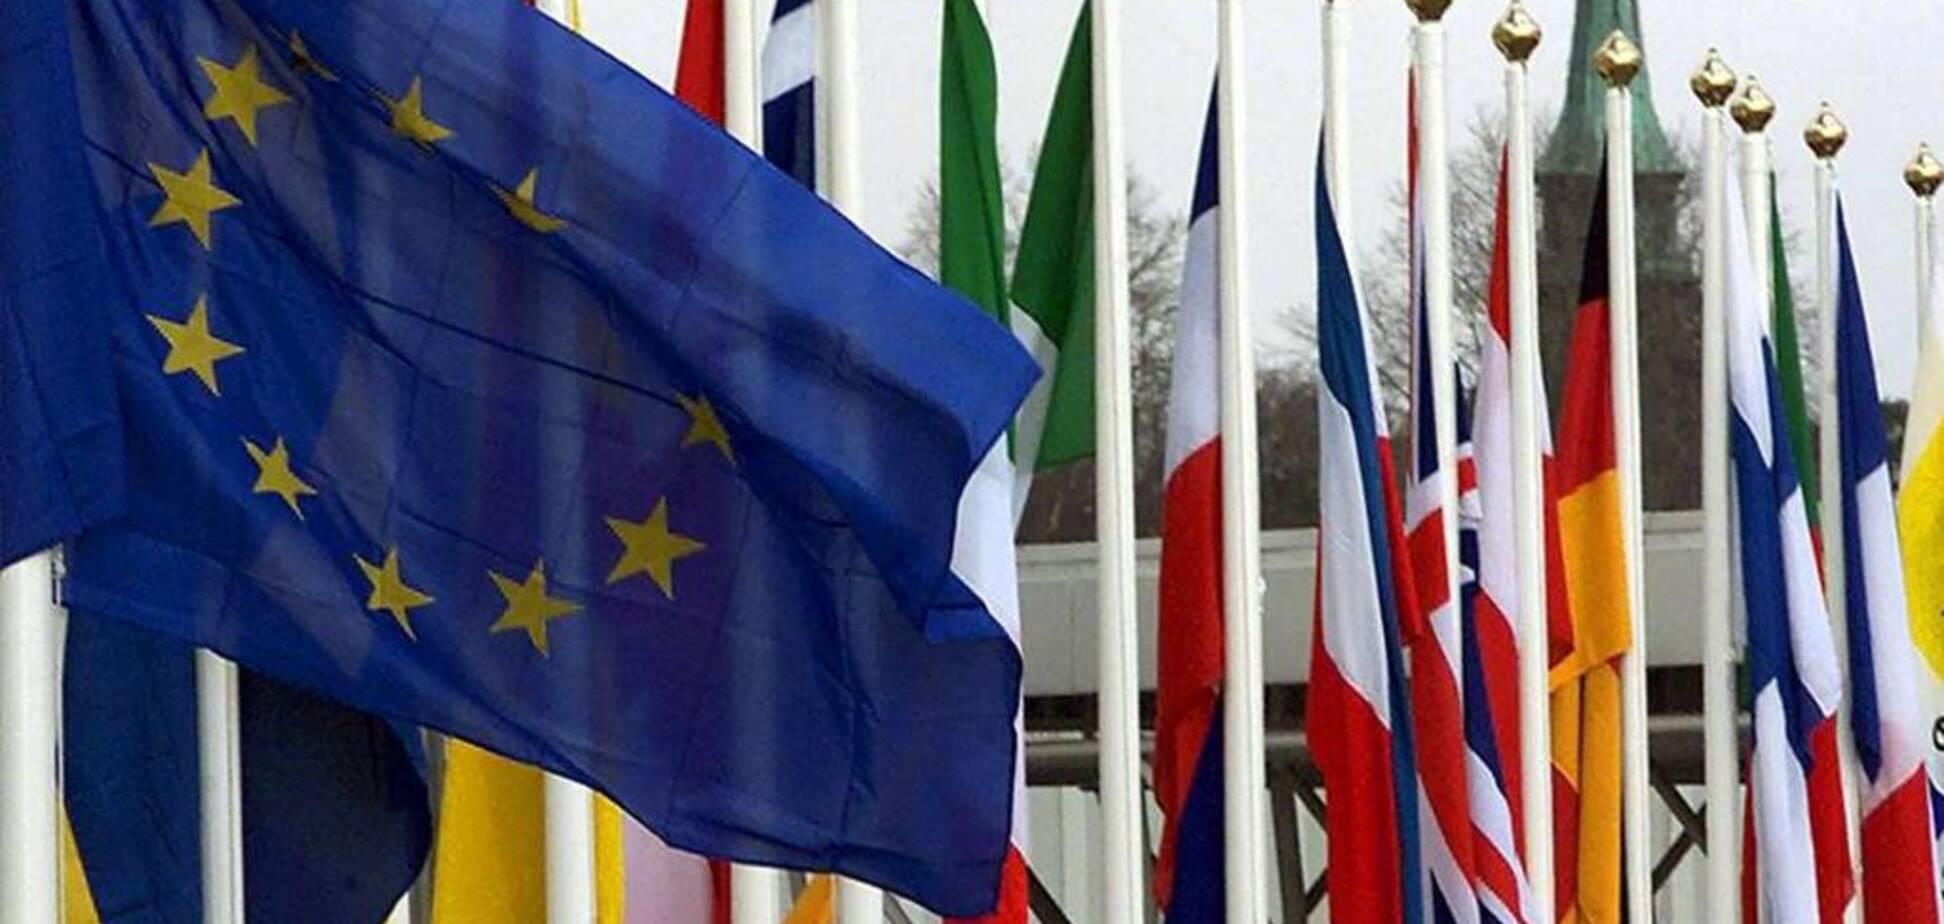 Саміт ЄС у Брюсселі